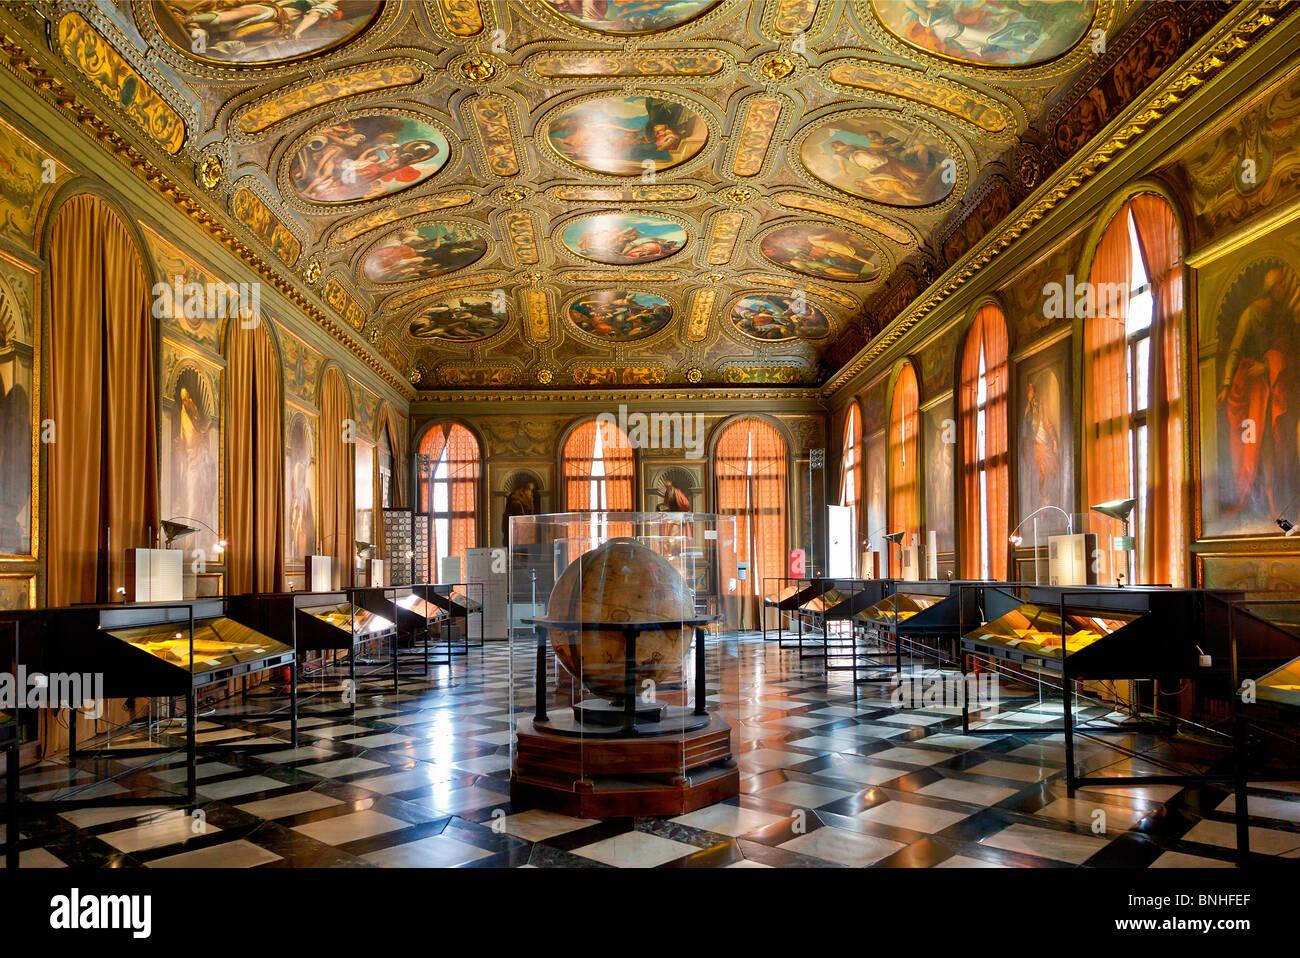 Museo Correr Imágenes De Stock & Museo Correr Fotos De Stock - Alamy